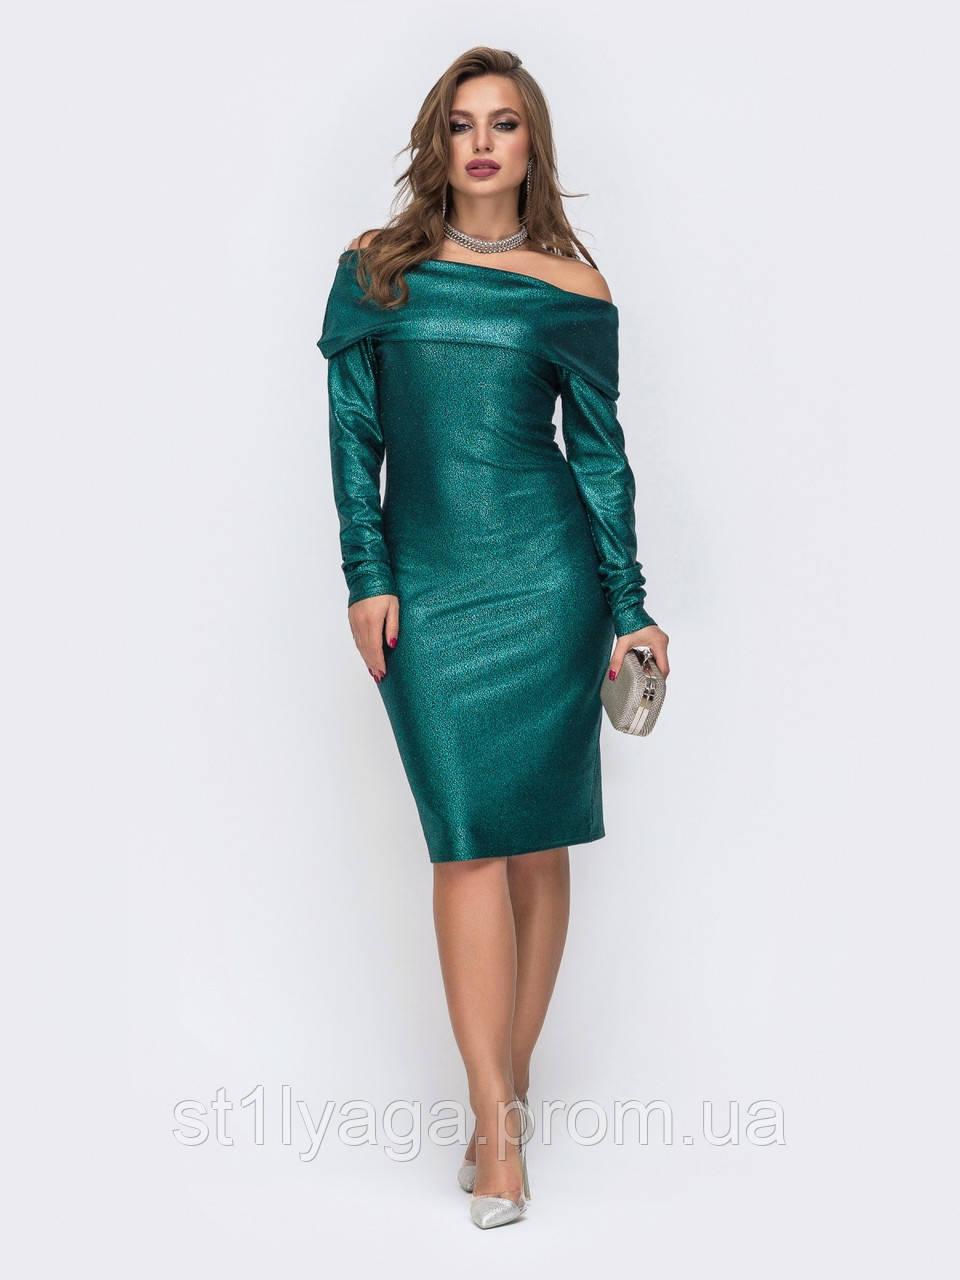 Нарядное облегаюшее платье с открытыми плечами